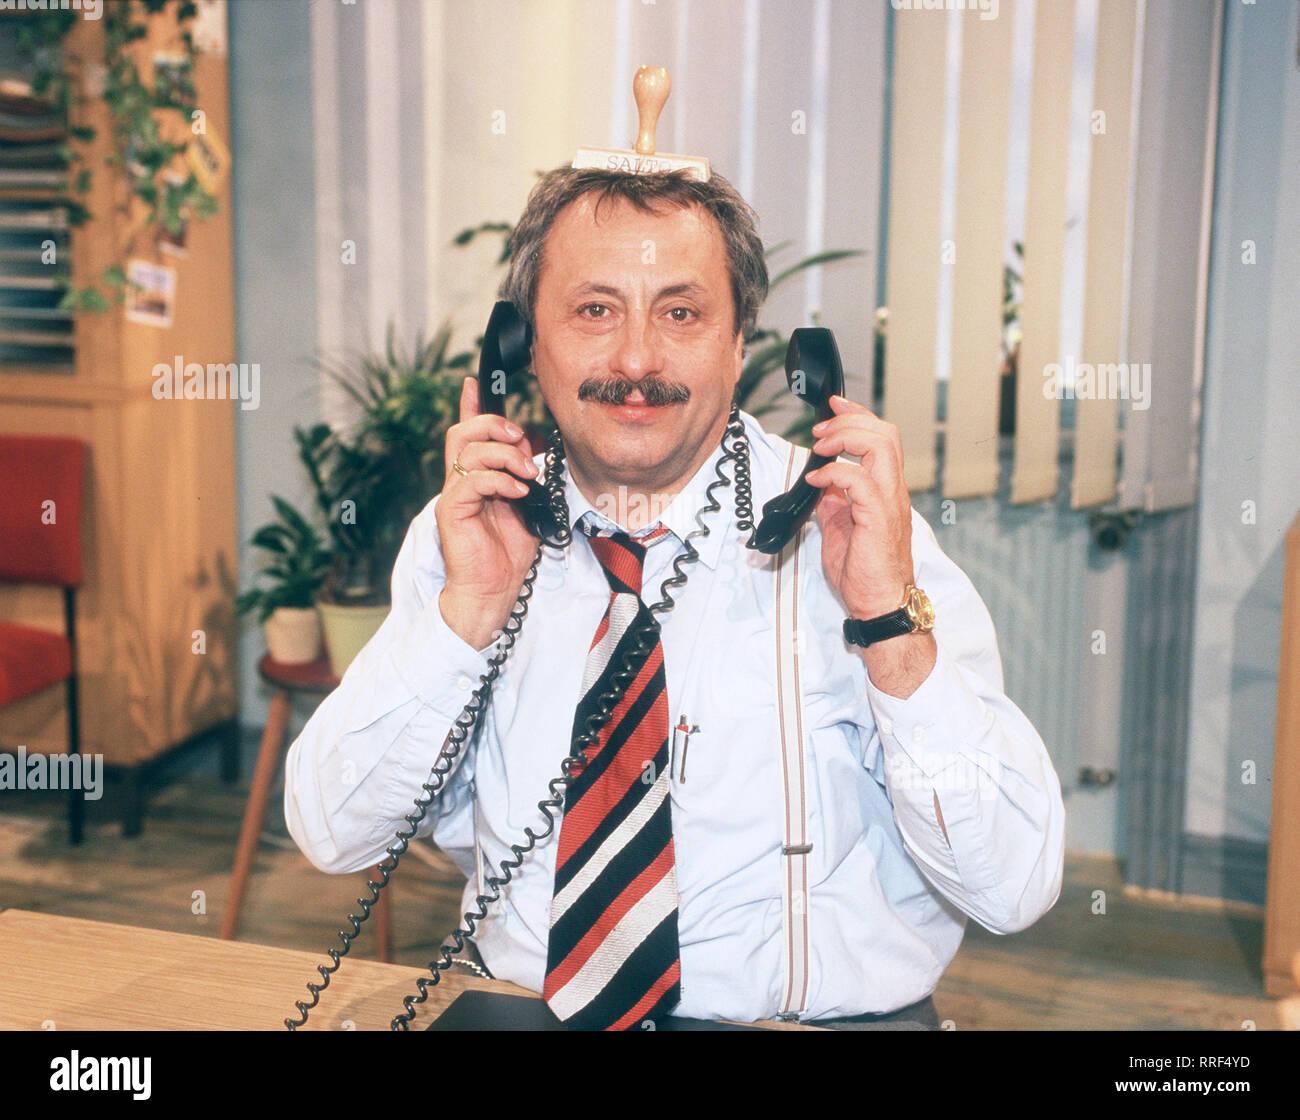 SALTO KOMMUNALE In der Folge: 'Beamtencontainer' soll das Amt geschlossen werden, aber Bürgermeister Mäßig weiss einen Ausweg. Szene: Am Ende ist für Stankoweit (WOLFGANG STUMPH) nichts mehr so, wie es einmal war.  aka. Deutschland 2000 / Überschrift: SALTO KOMMUNALE - Stock Image